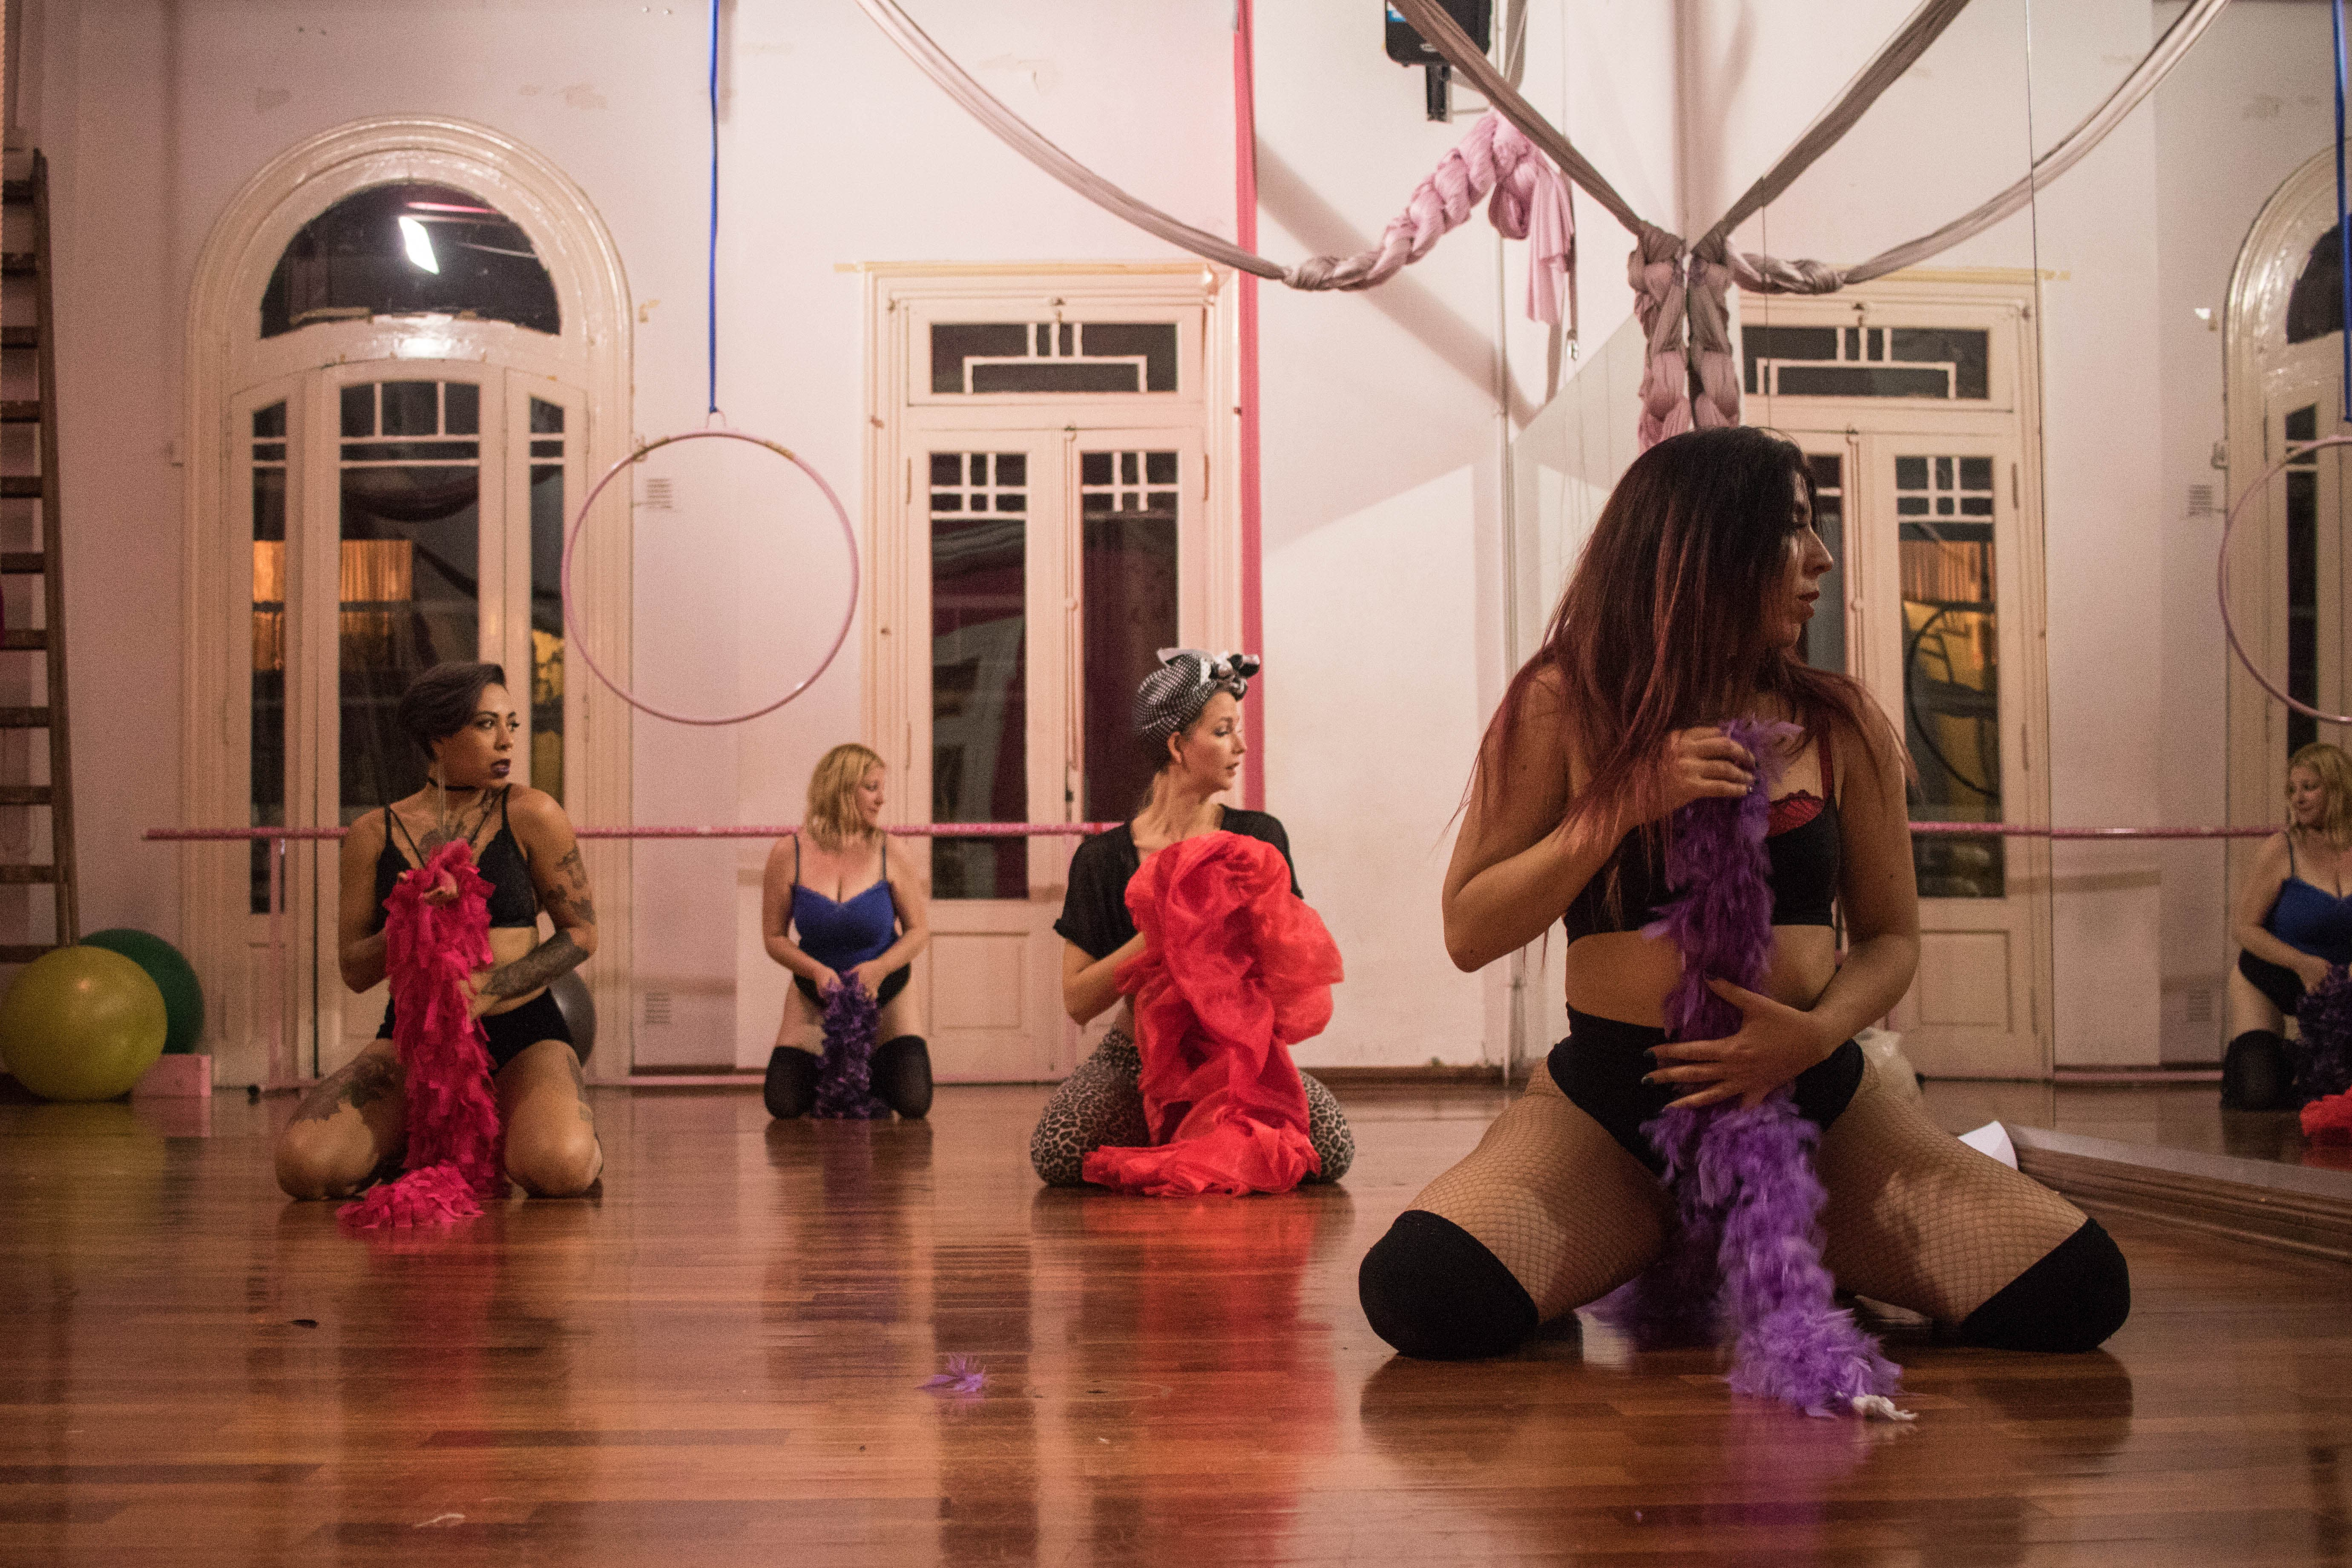 Erotismo empoderado, así es el revival del burlesque